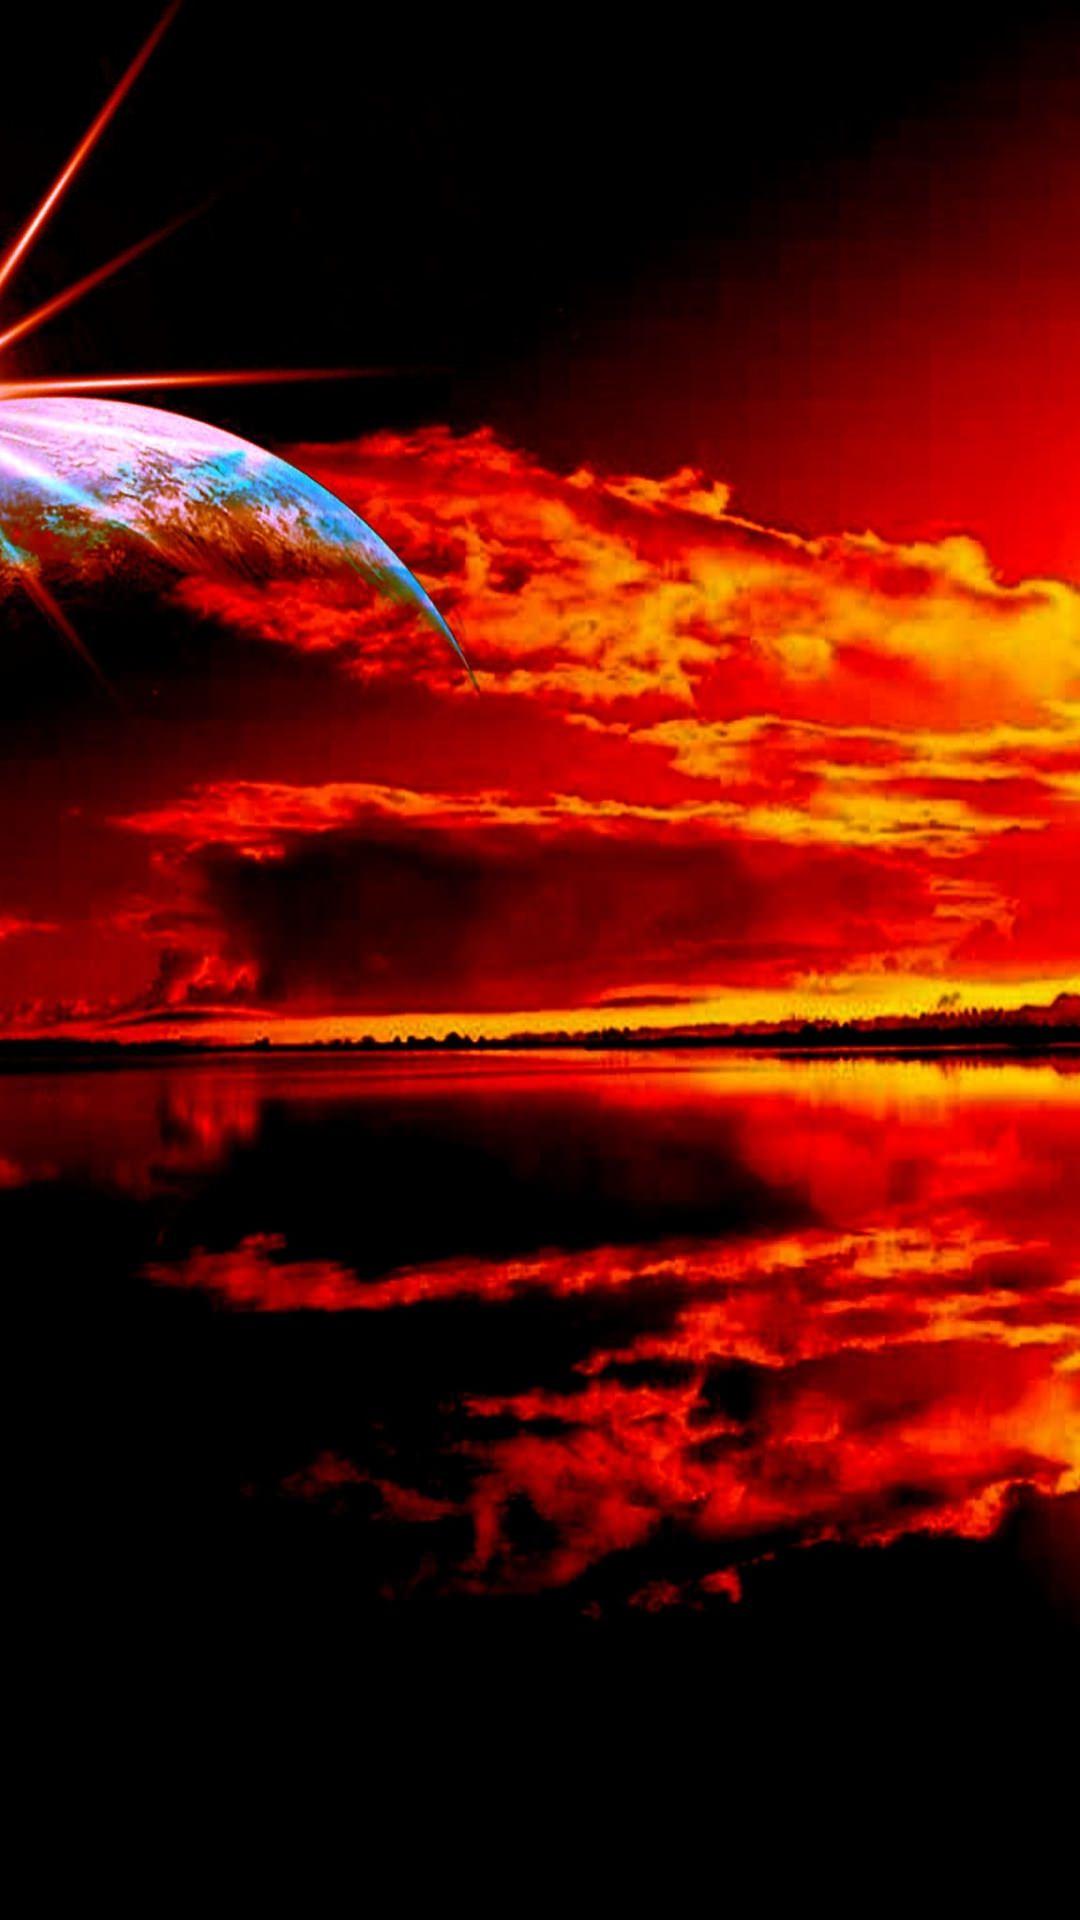 Pemandangan Matahari Terbenam Merah Wallpapersc Android